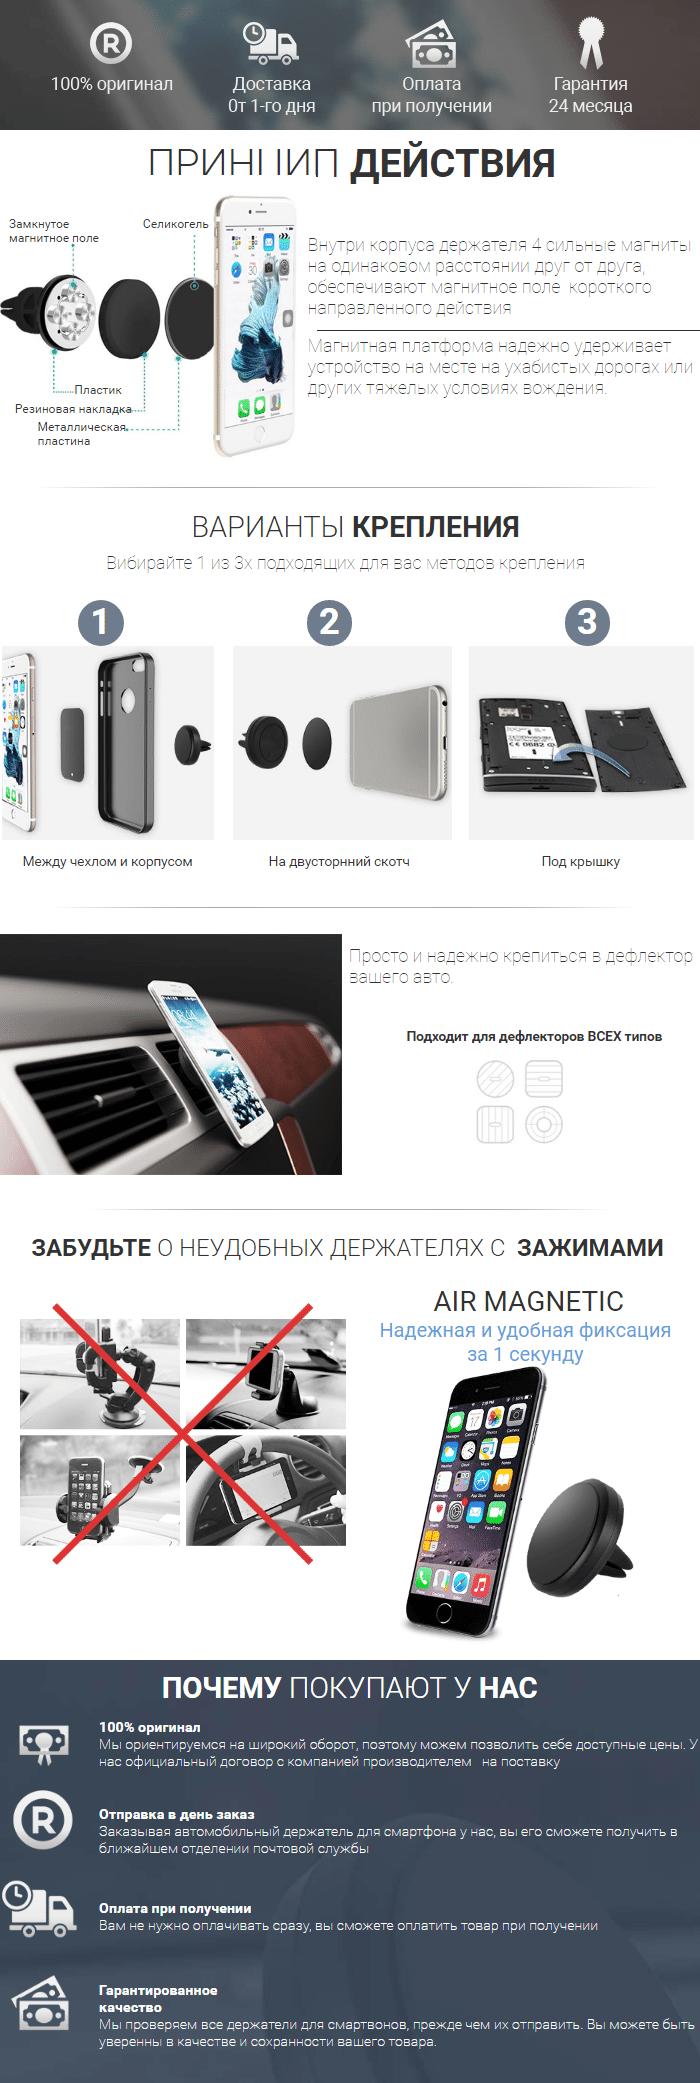 универсальный автомобильный держатель air magnetic купить